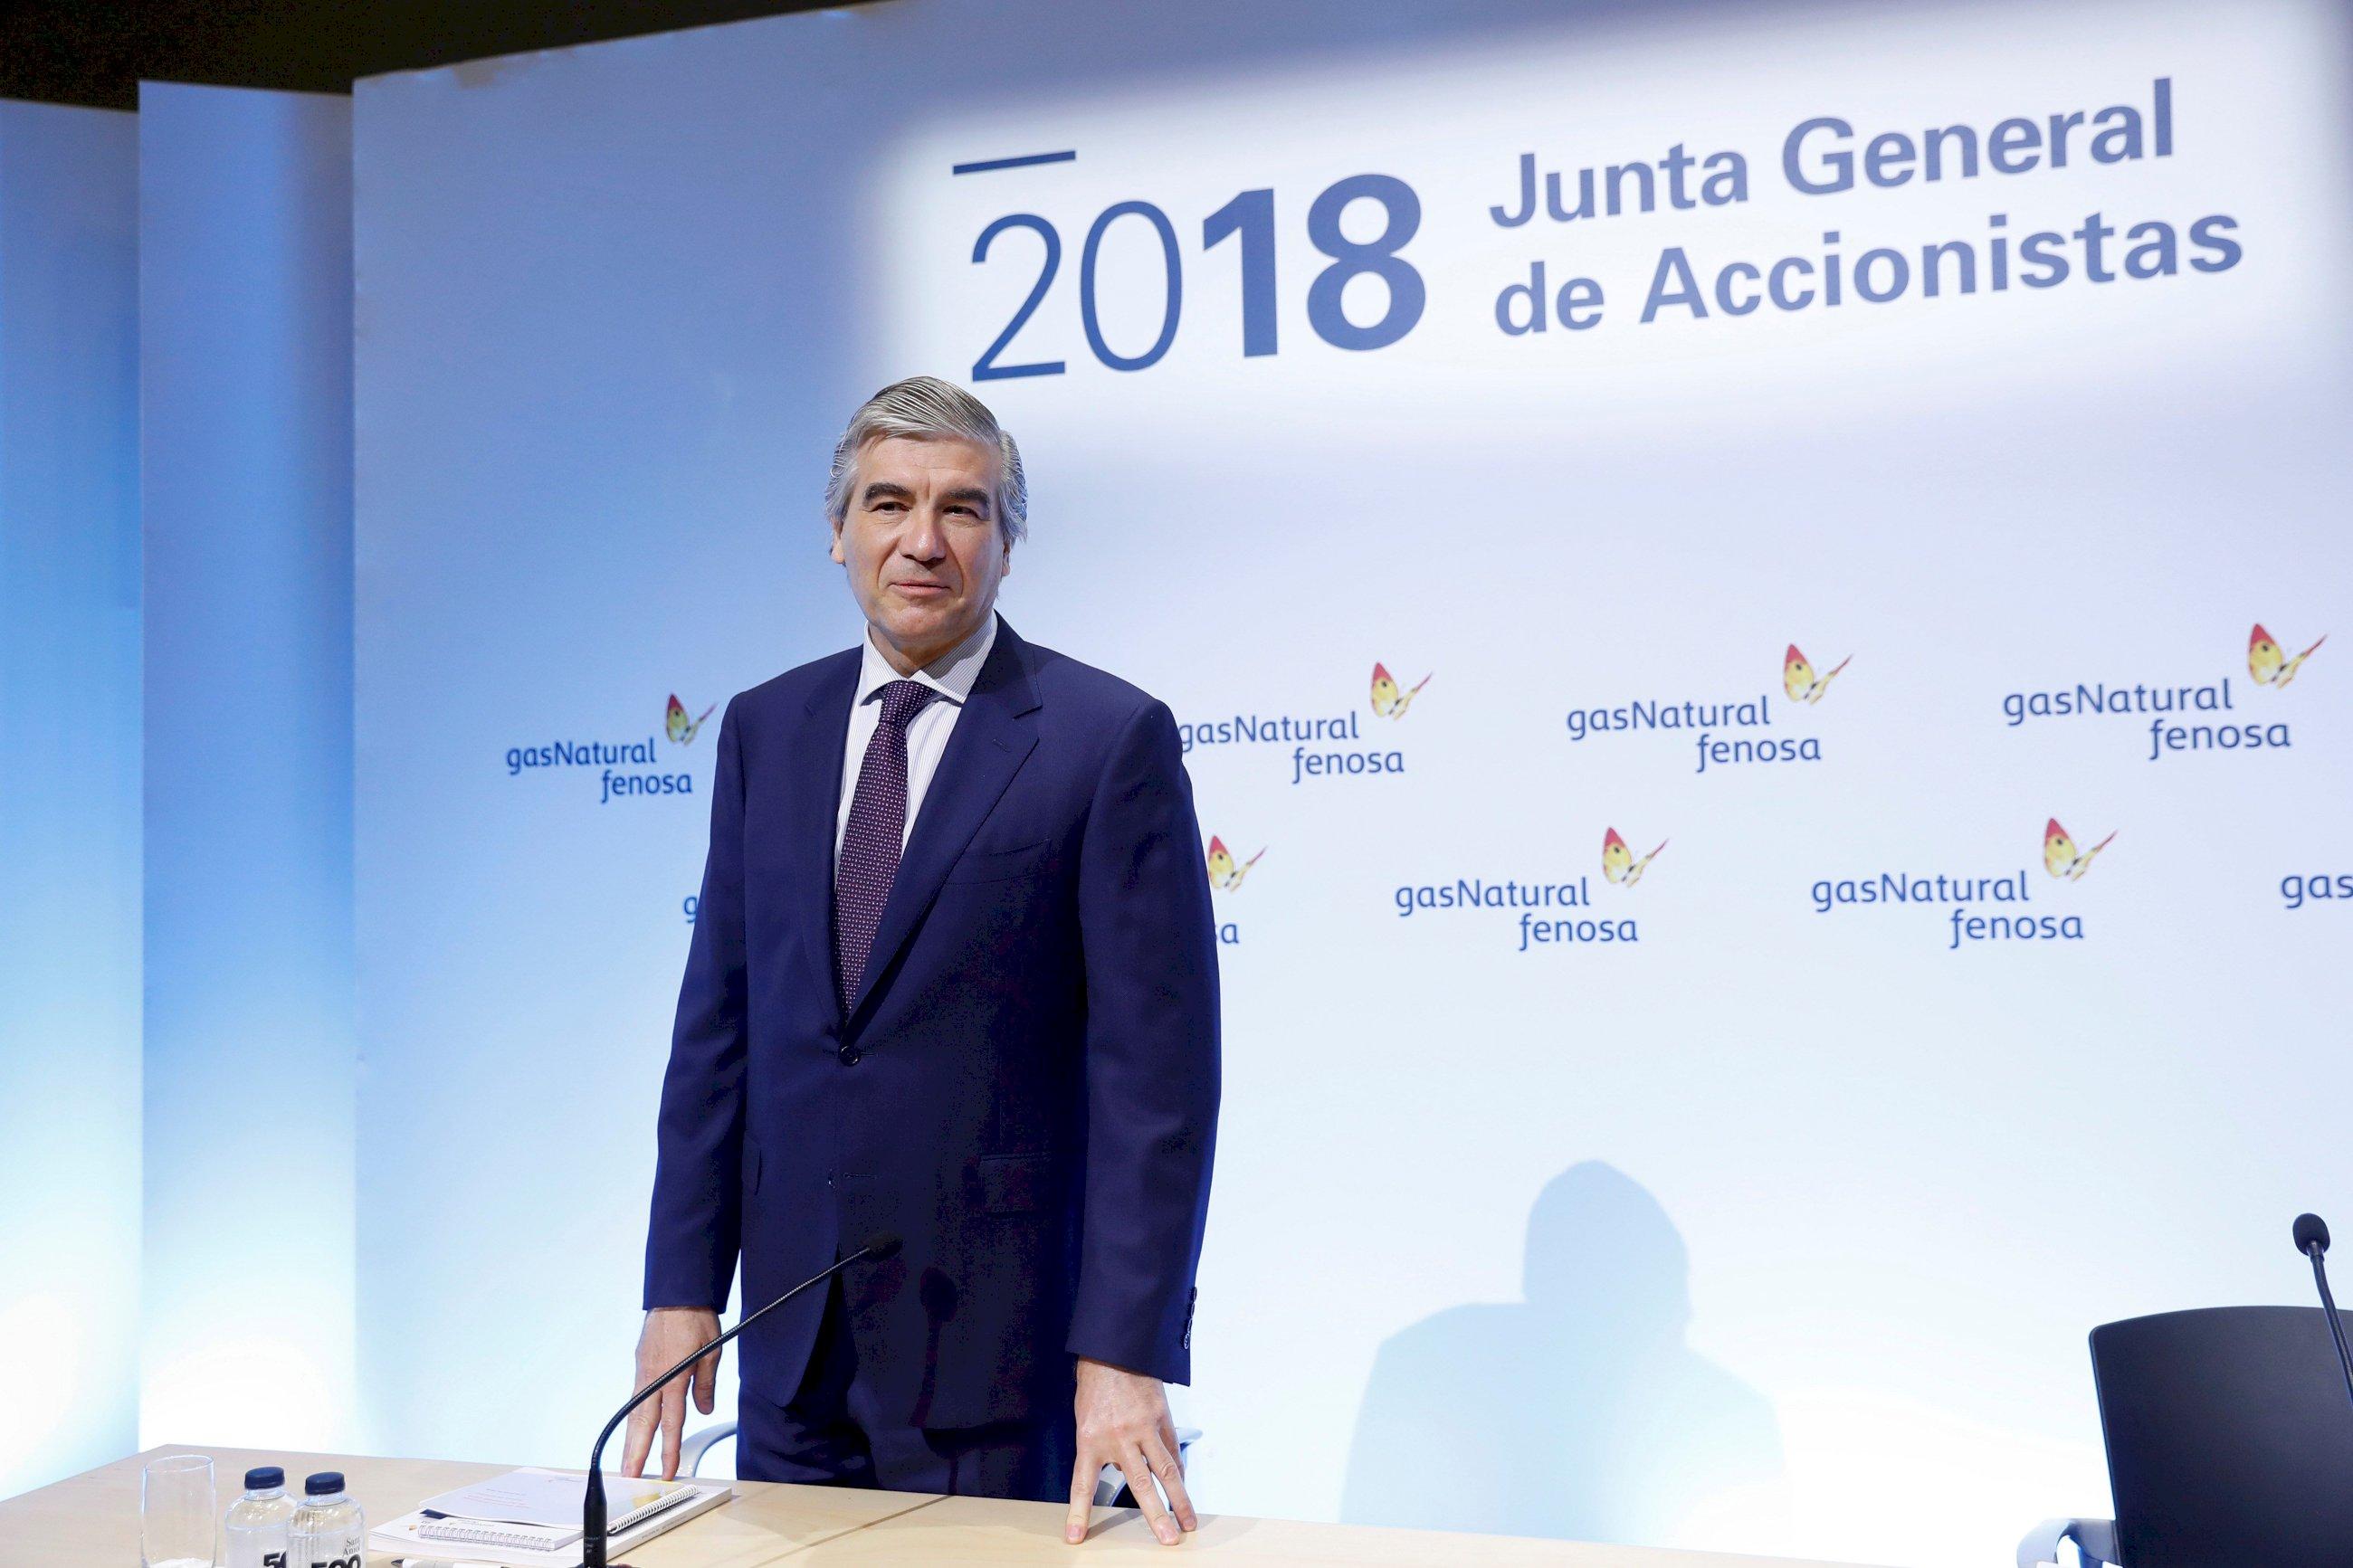 La revolución de Reynés en Naturgy hunde los resultados de las IBEX